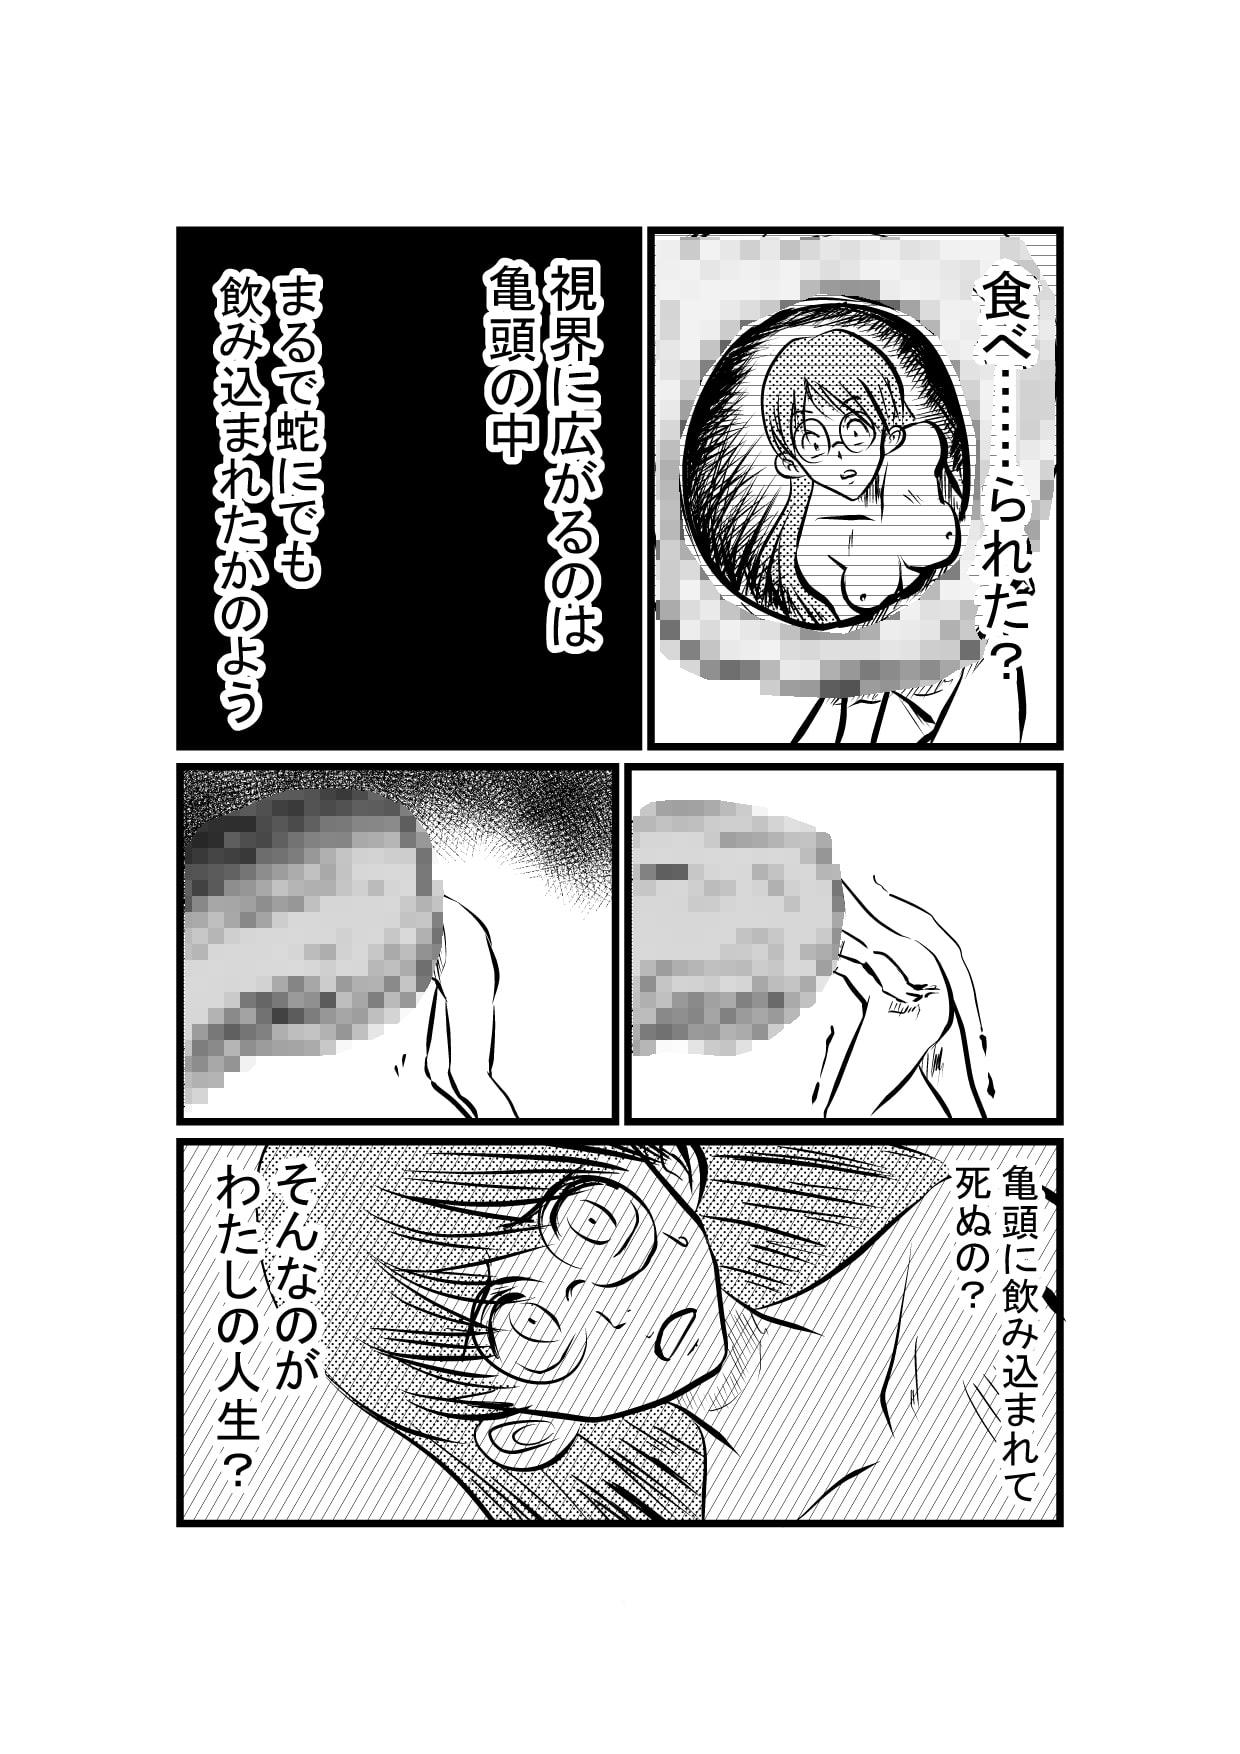 クマンガ・アダルト2